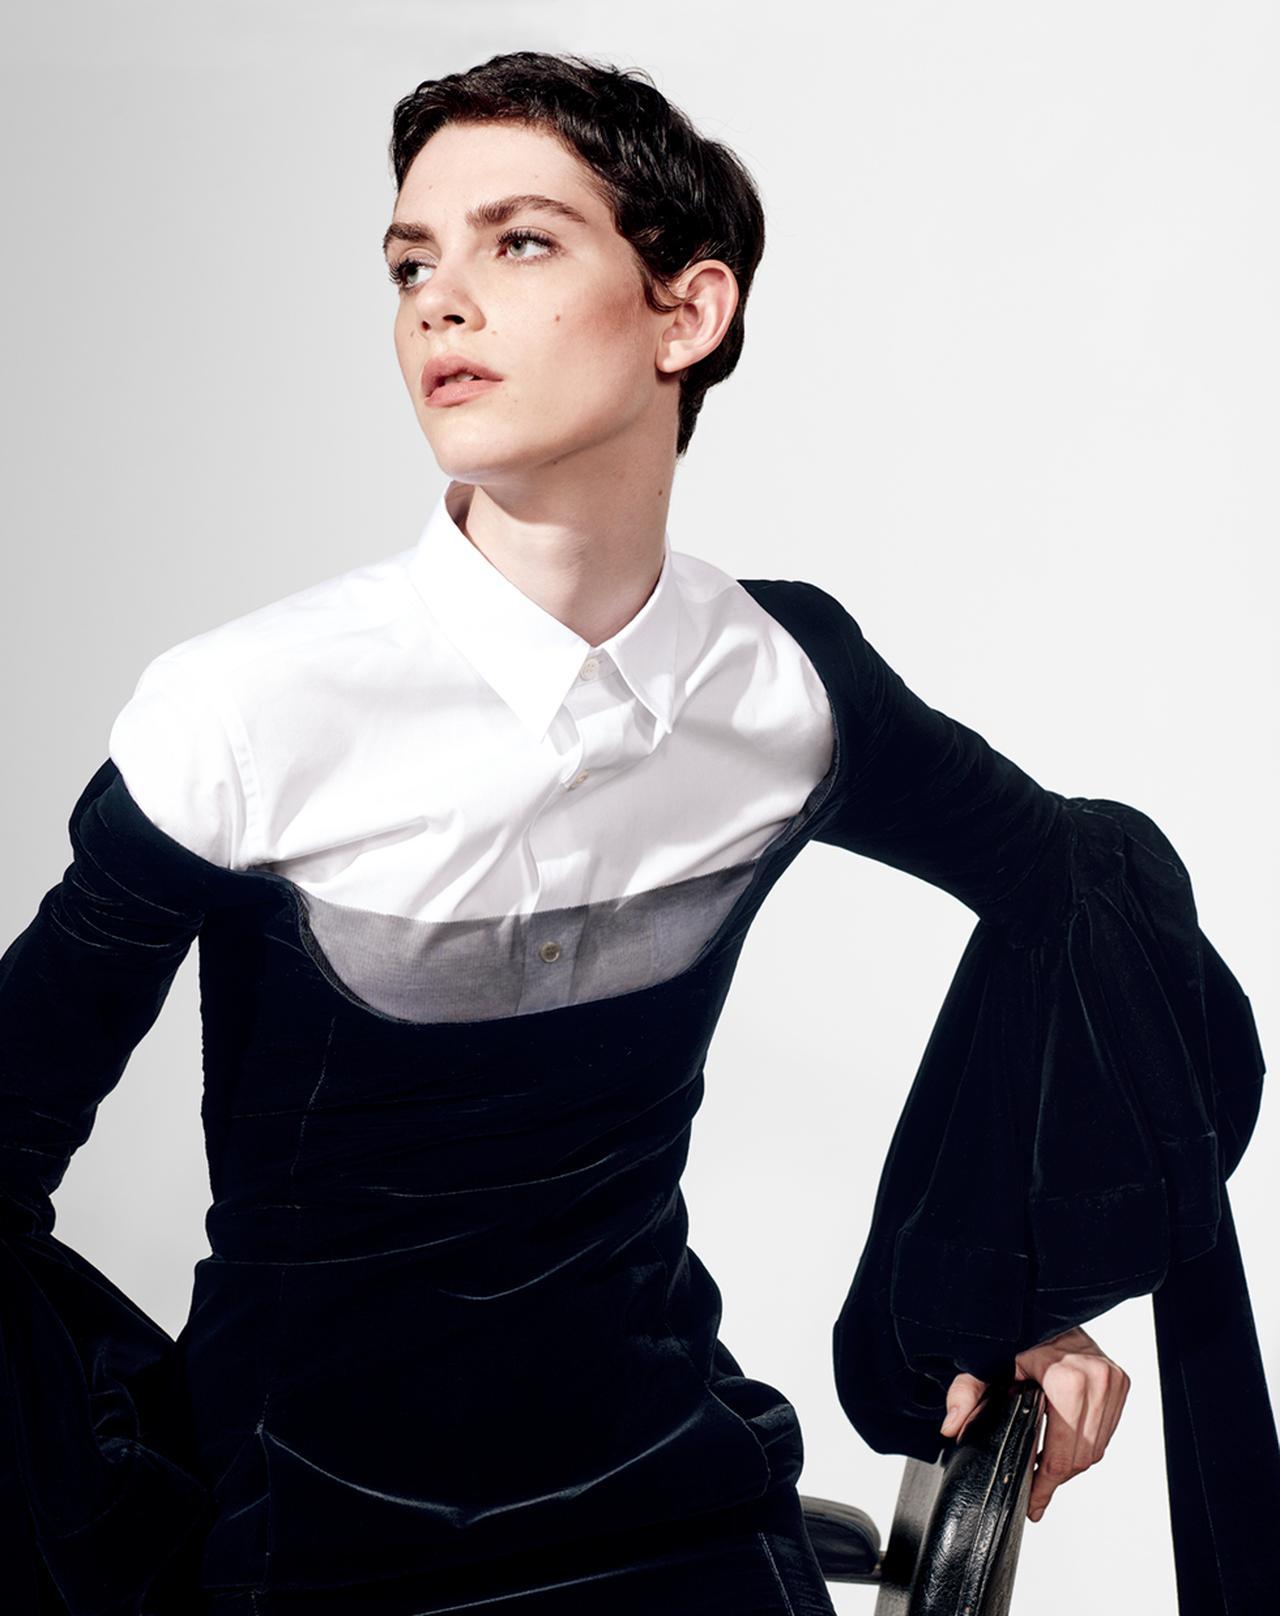 Images : 8番目の画像 - 「黒の洗練。 黒を重ね、黒を極める」のアルバム - T JAPAN:The New York Times Style Magazine 公式サイト